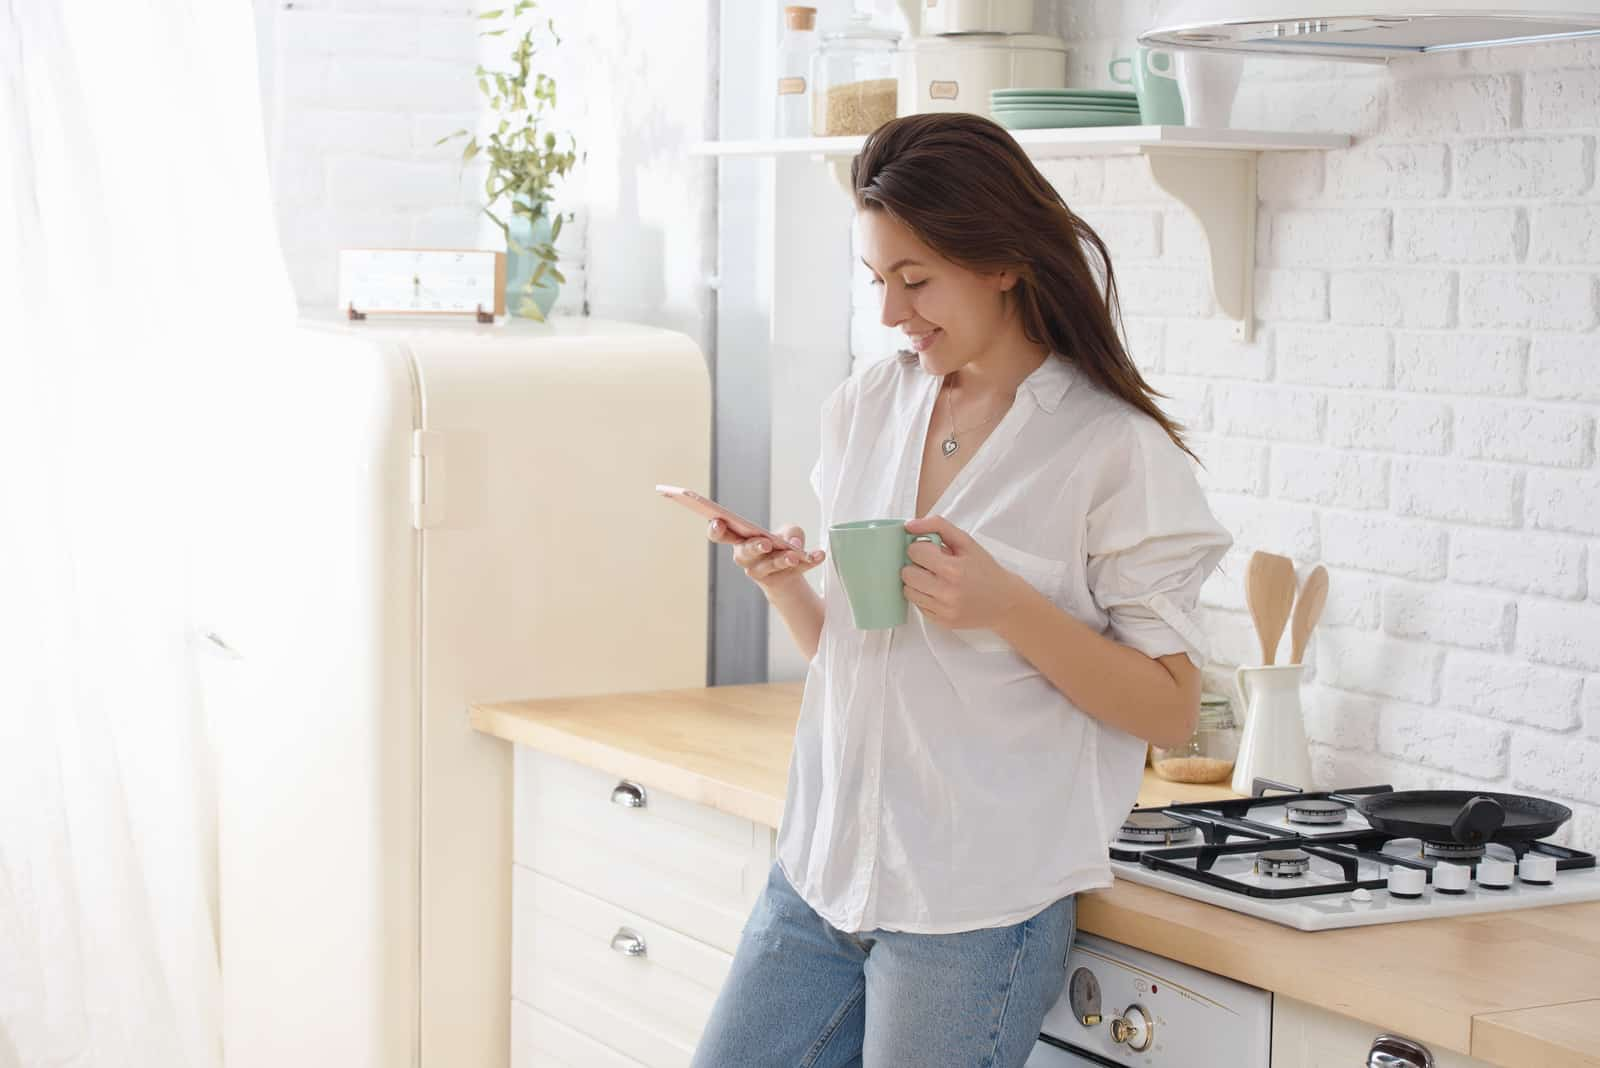 la femme se tient appuyée contre la cuisine et le bouton du téléphone